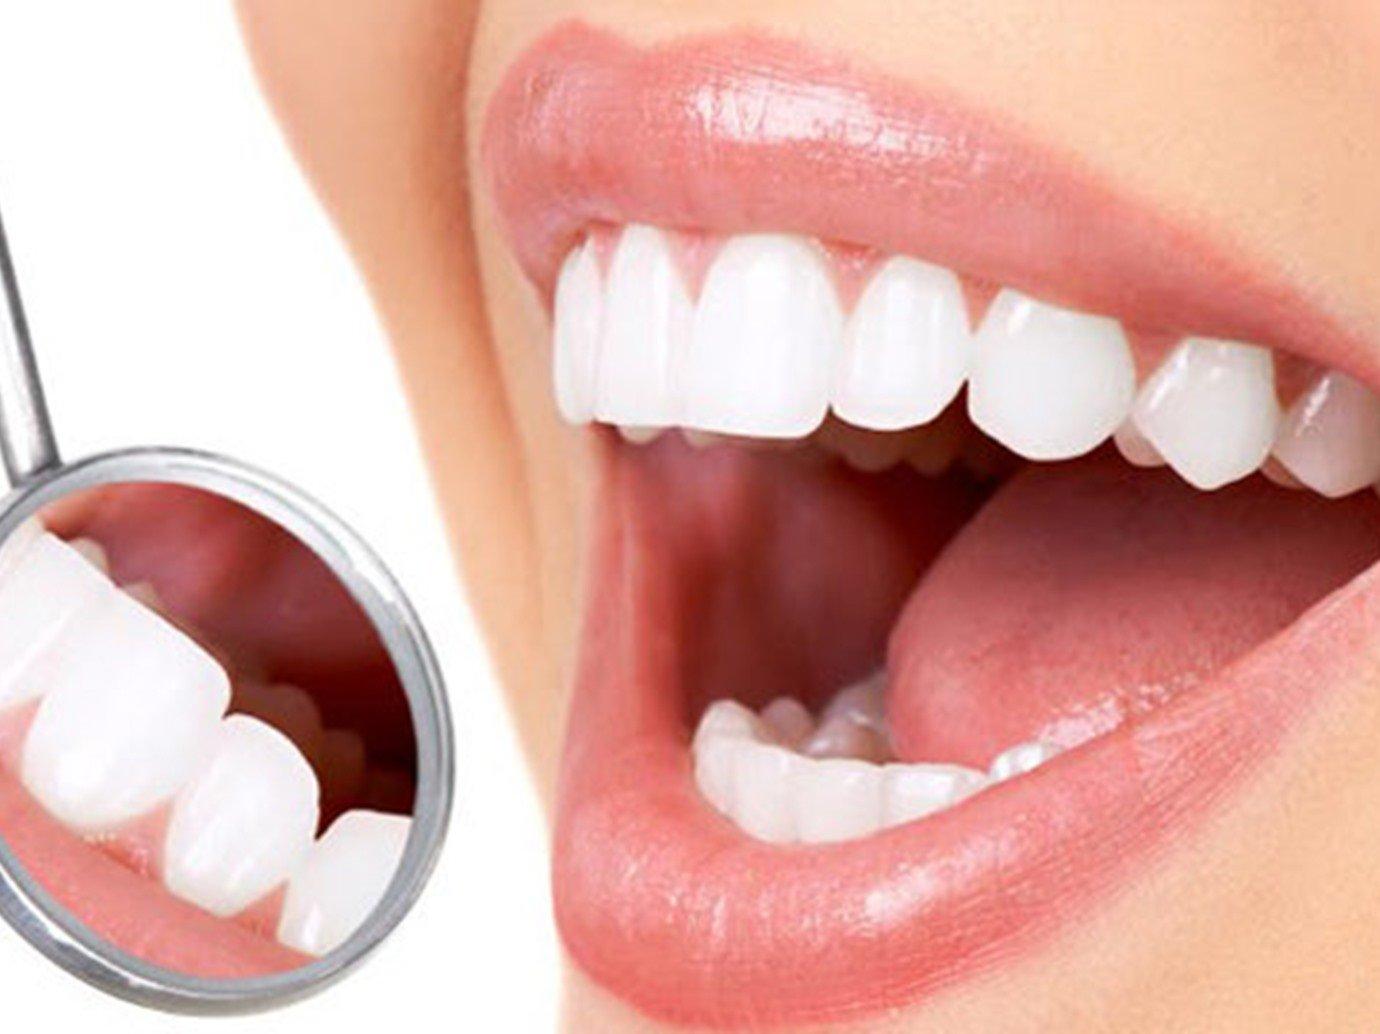 اسعار عدسات الاسنان في تركيااسعار عدسات الاسنان في تركيا